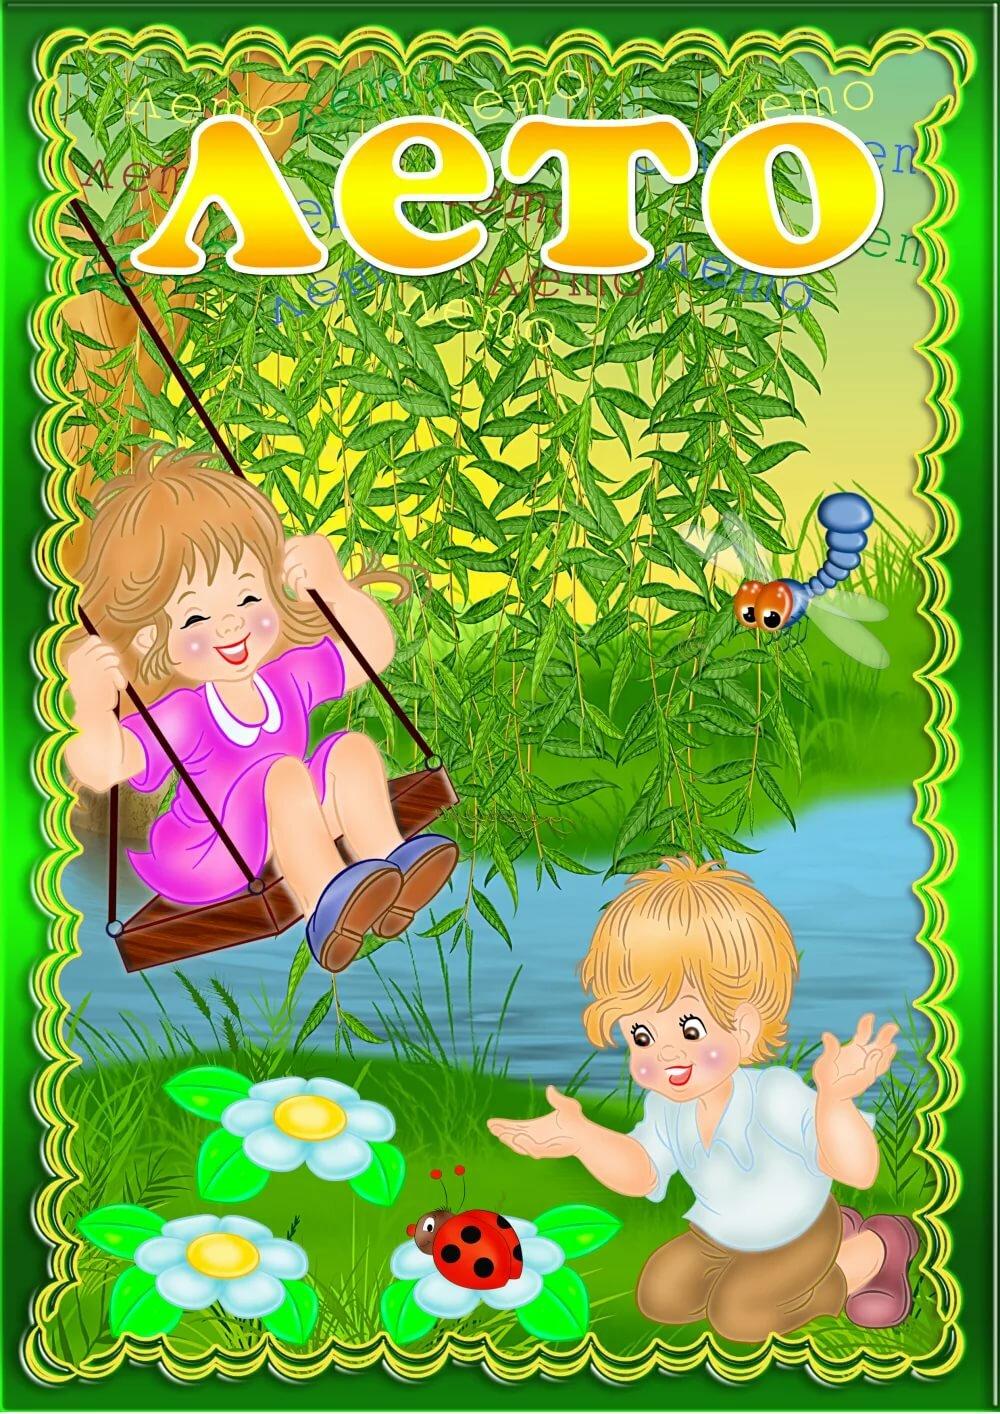 Картинки для уголка природы в детском саду лето